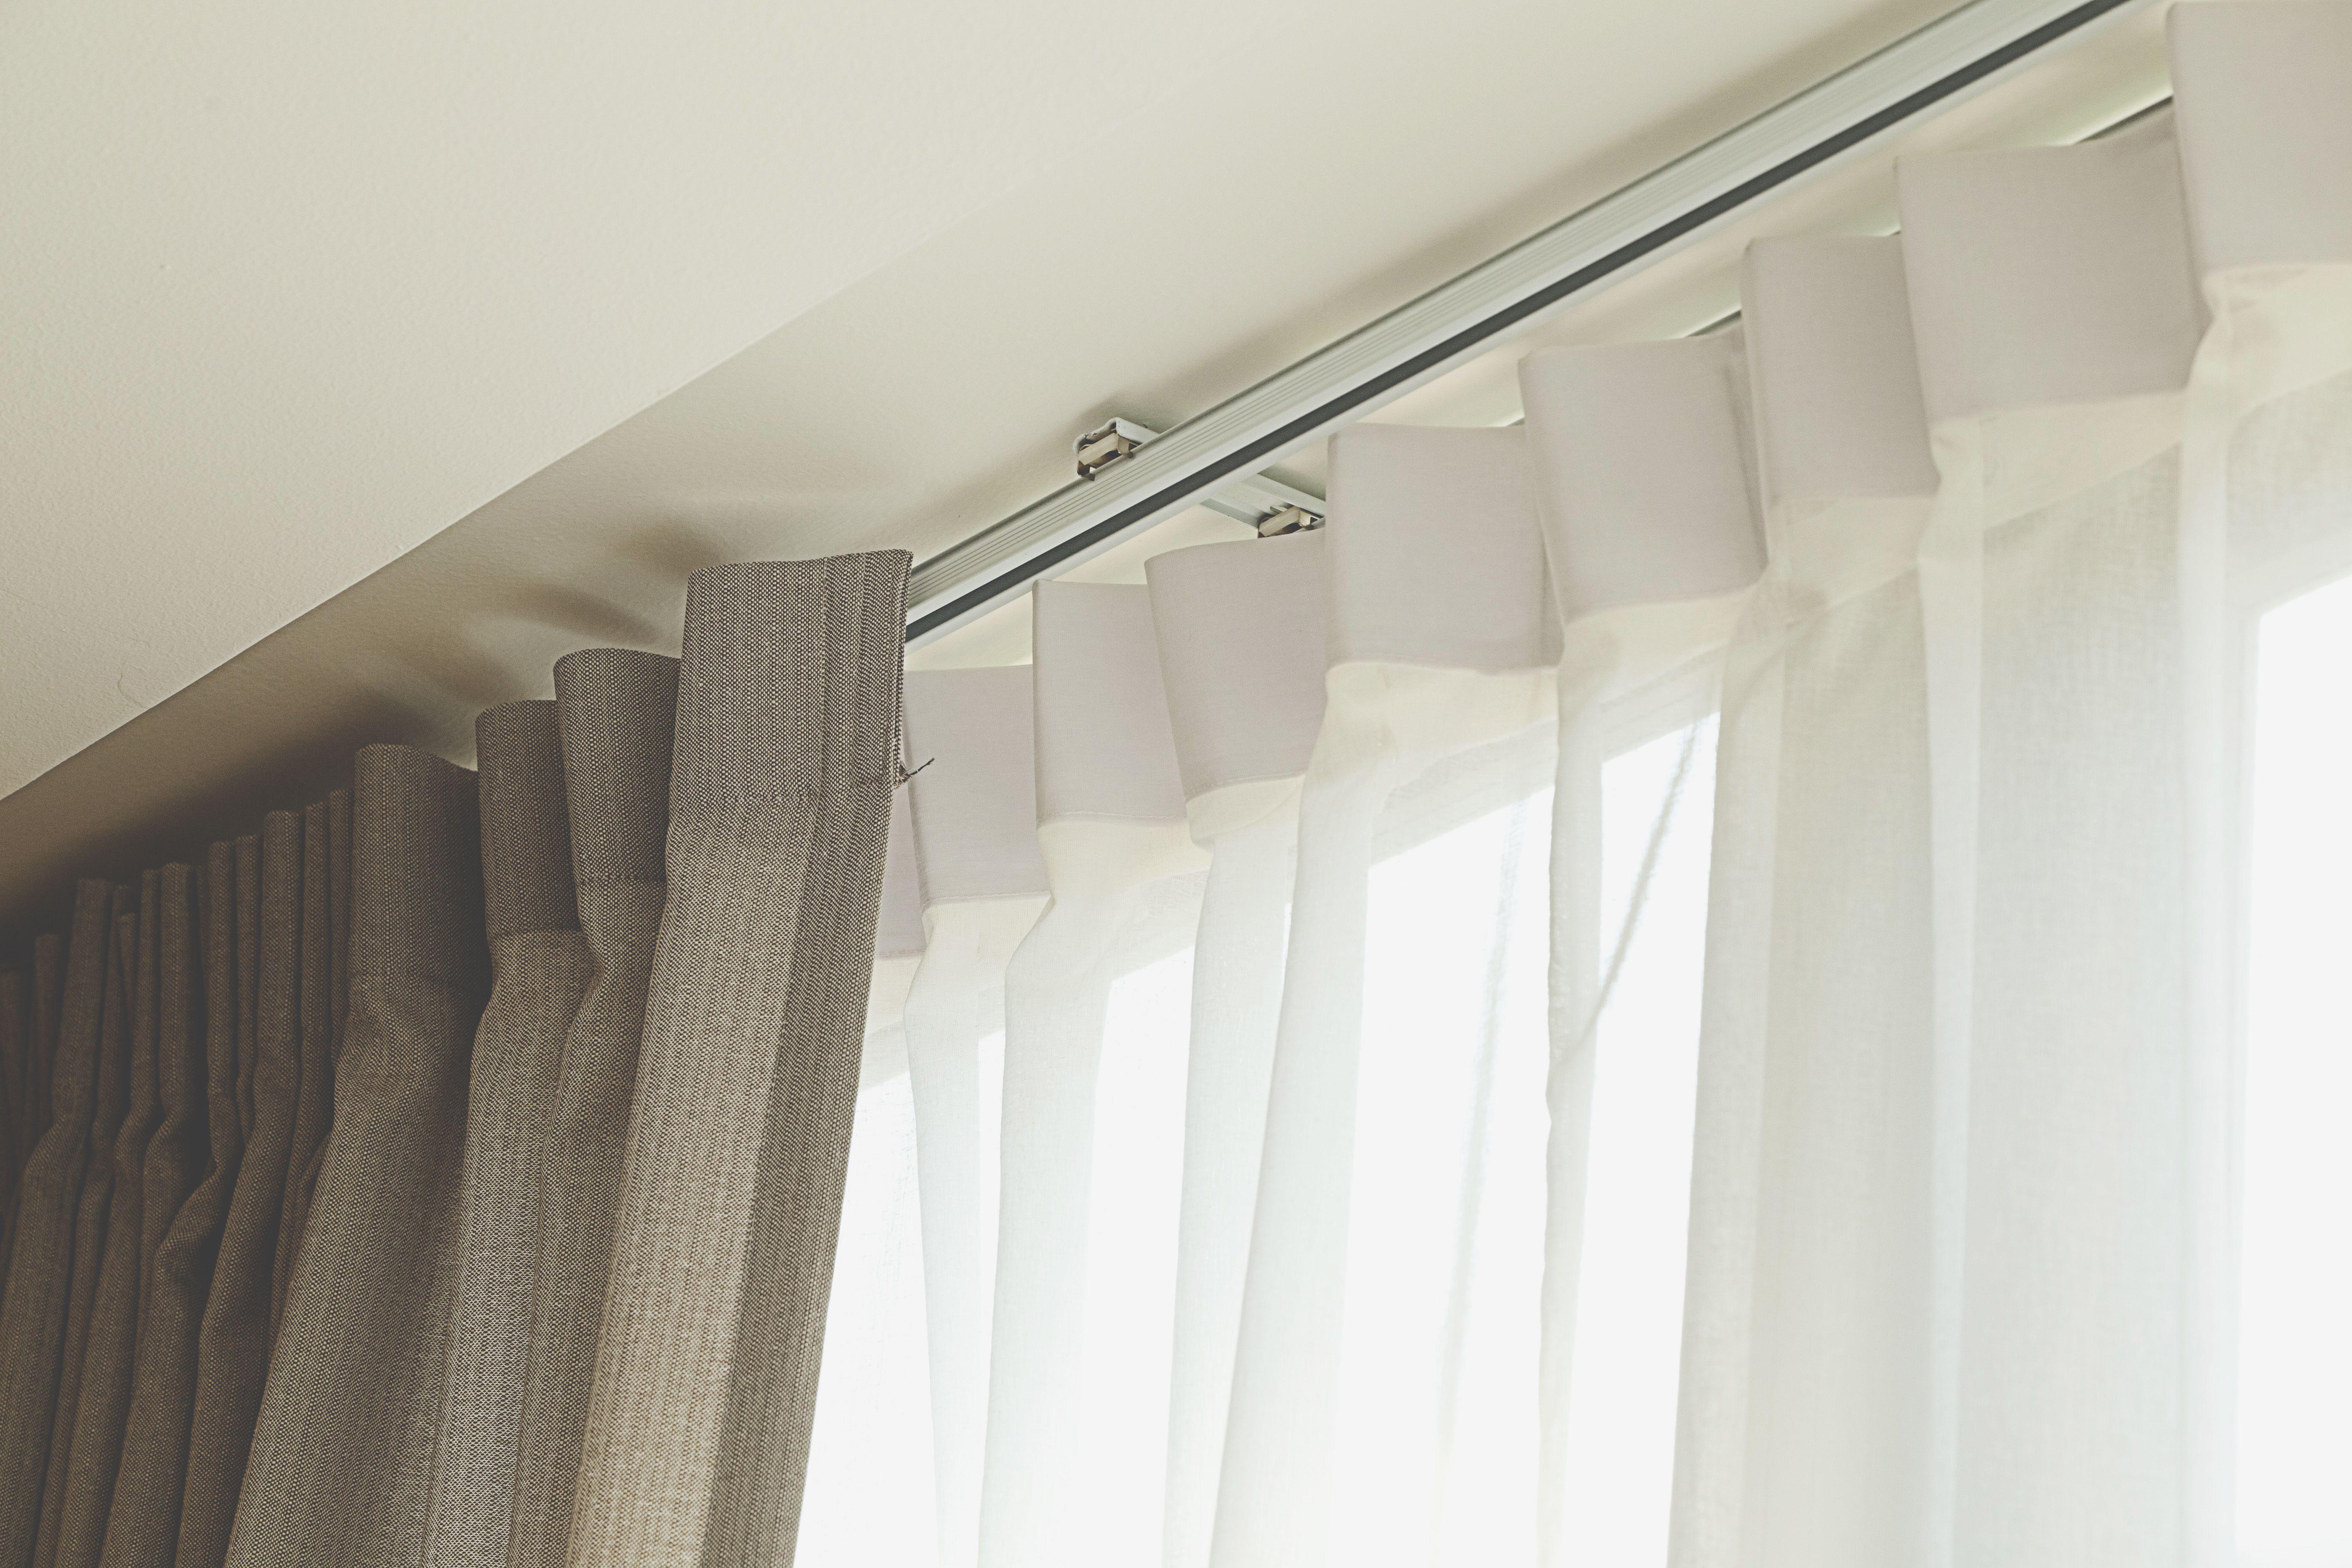 Mecanismos para cortinas funcionales y necesarios for Tipos de cortinas para salon